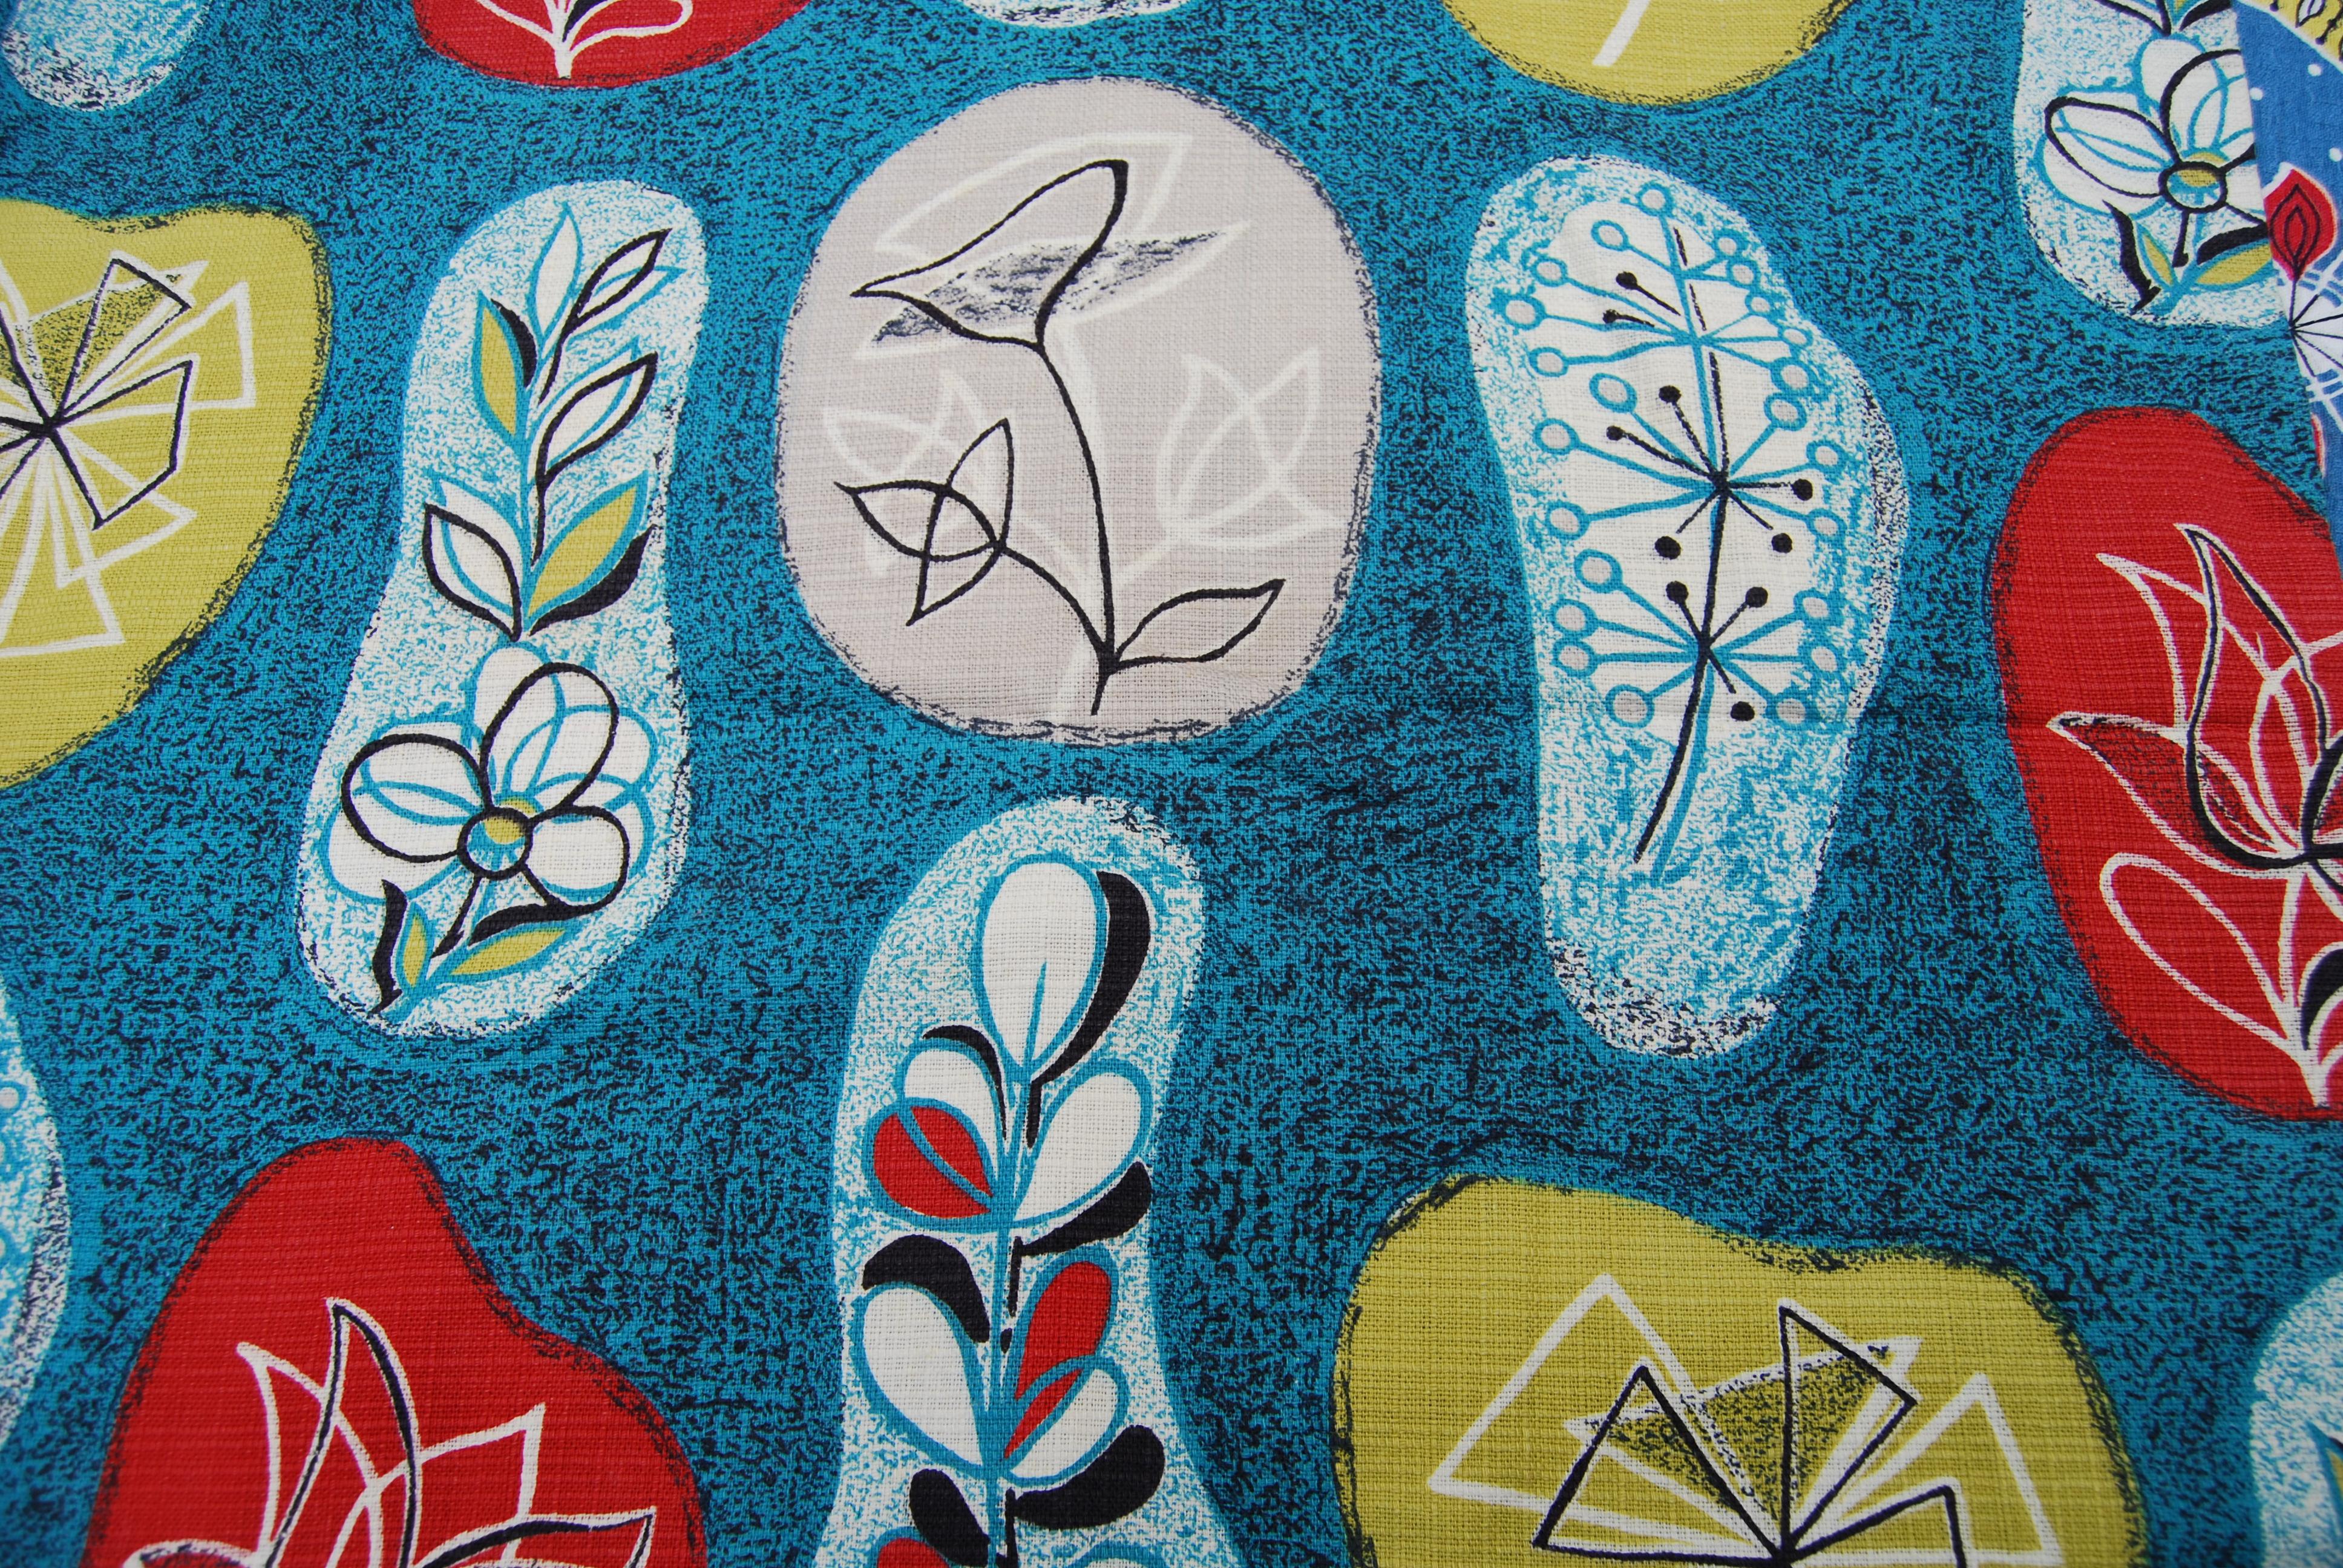 Vintage Inspired Fabric Printing Seaside Sisters